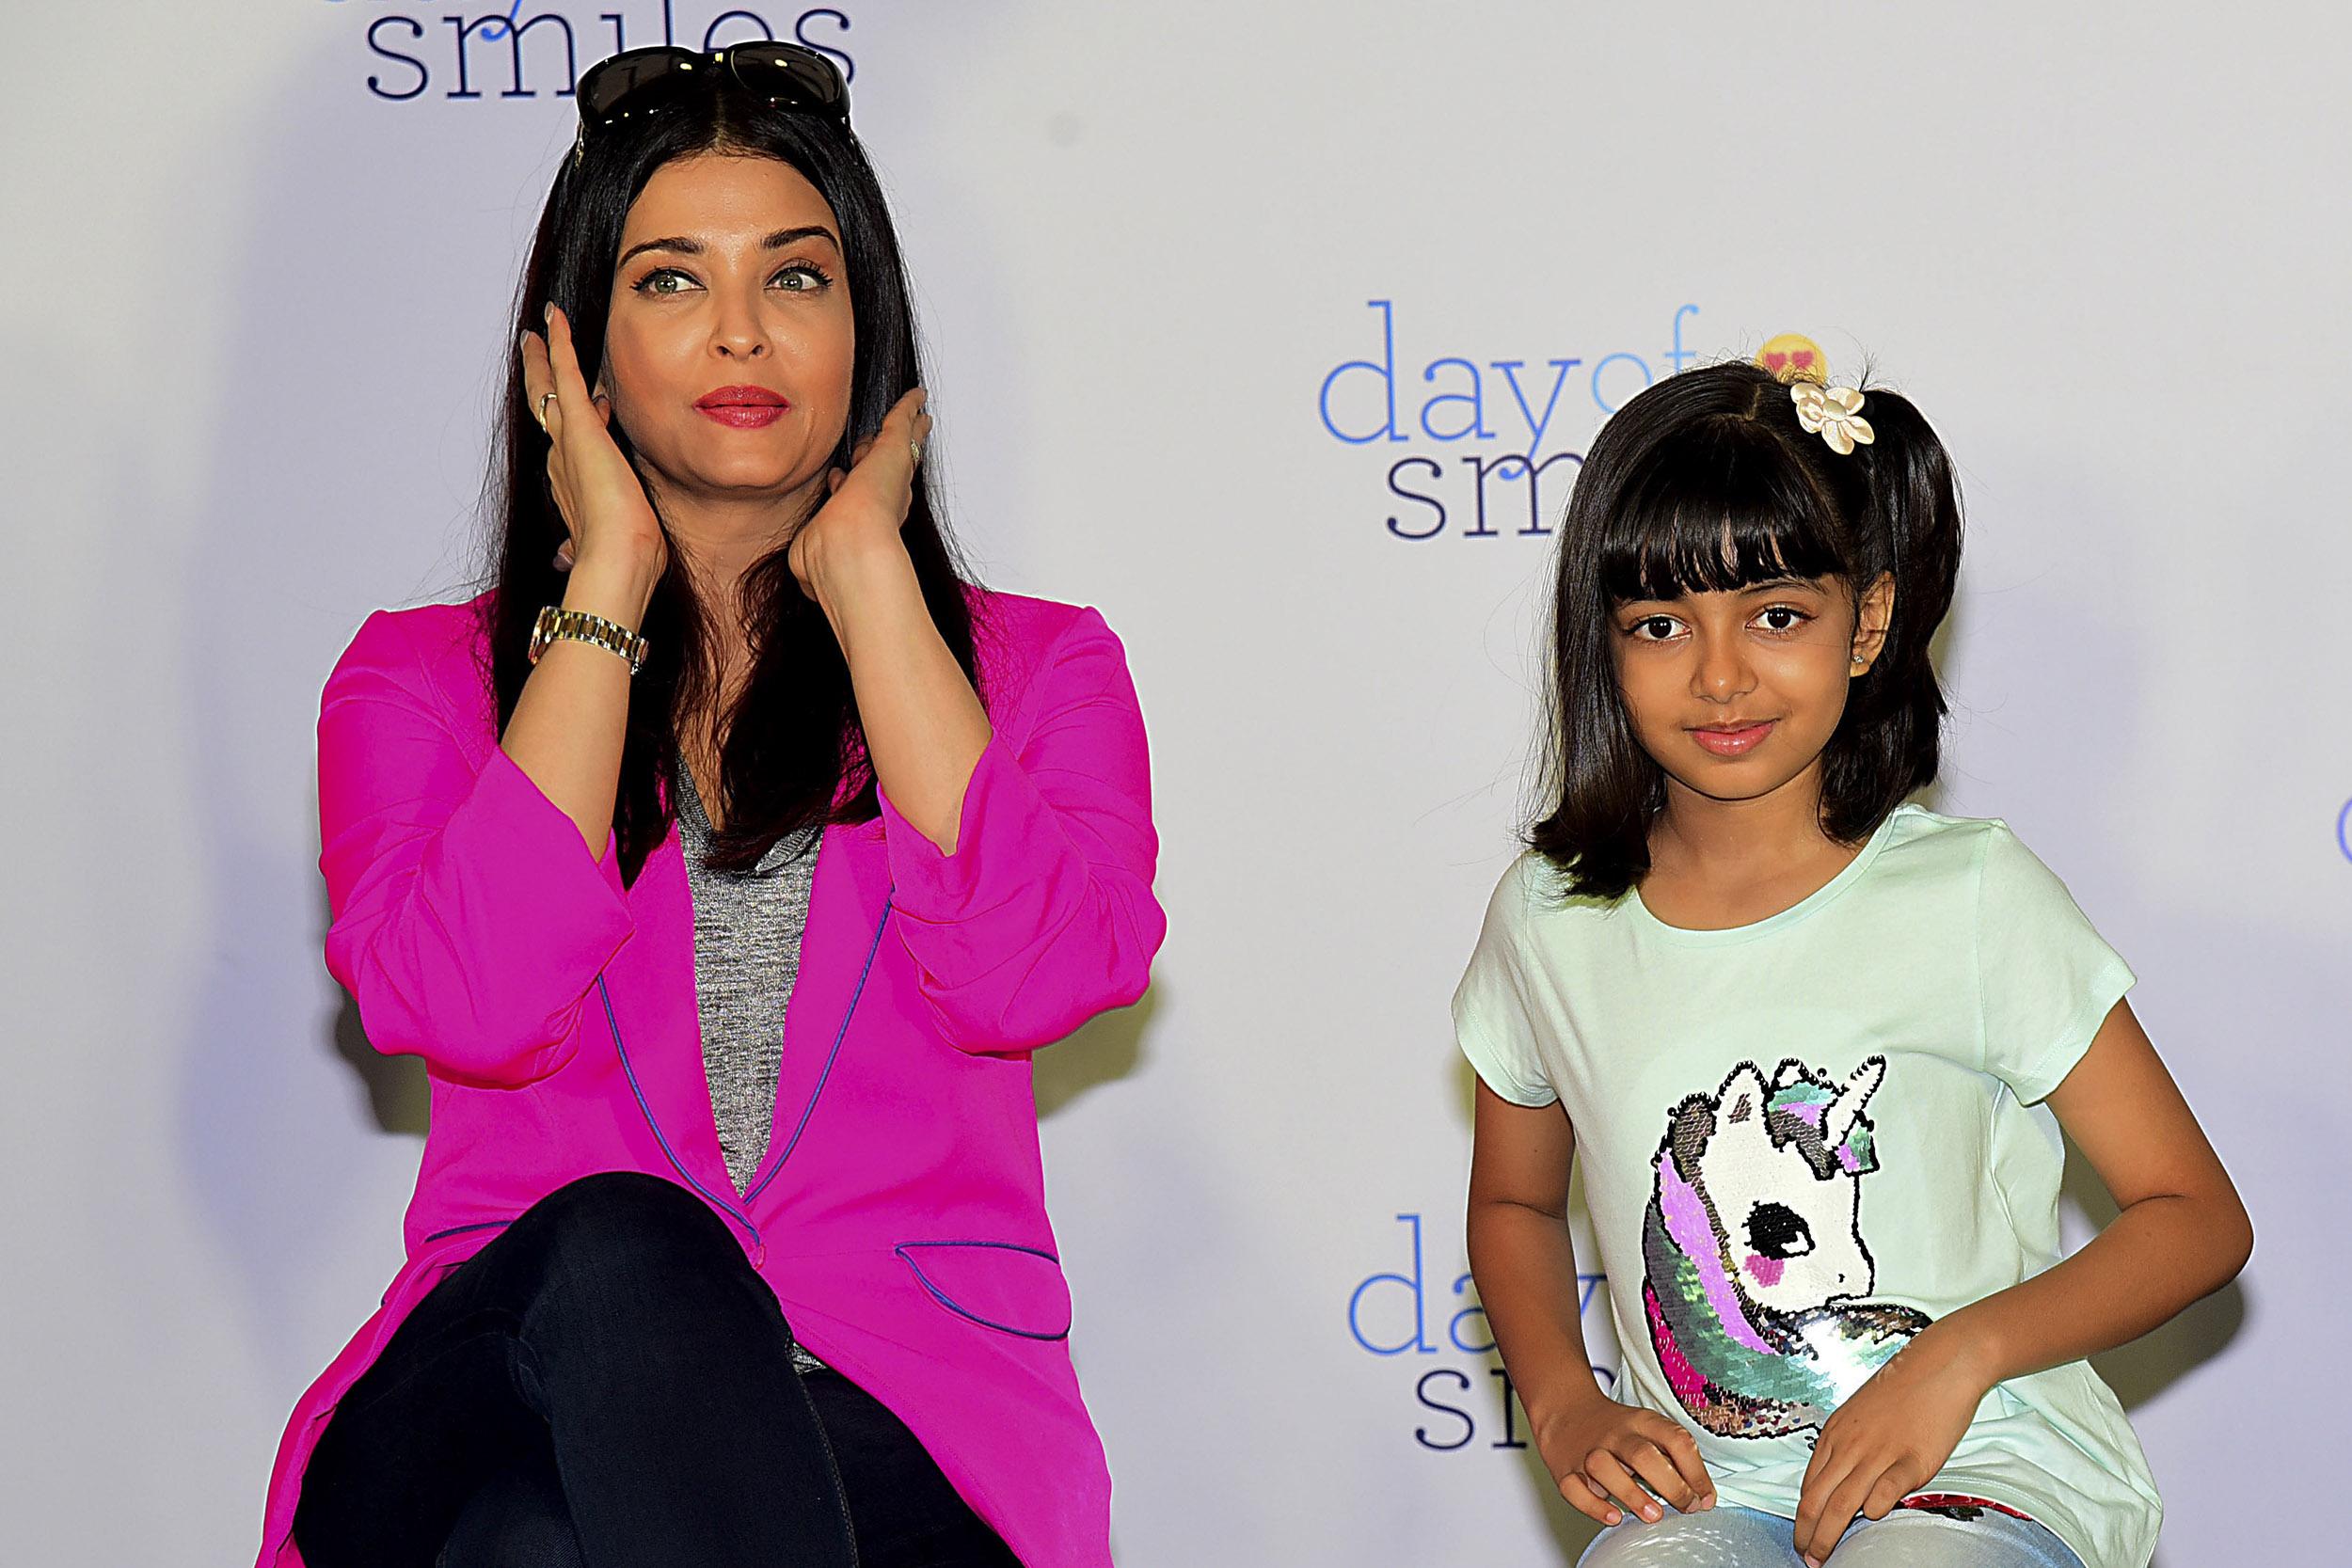 Bollywood actress Aishwarya Rai Bachchan and daughter Aaradhya Bachchan in Mumbai, India, on November 20, 2019.